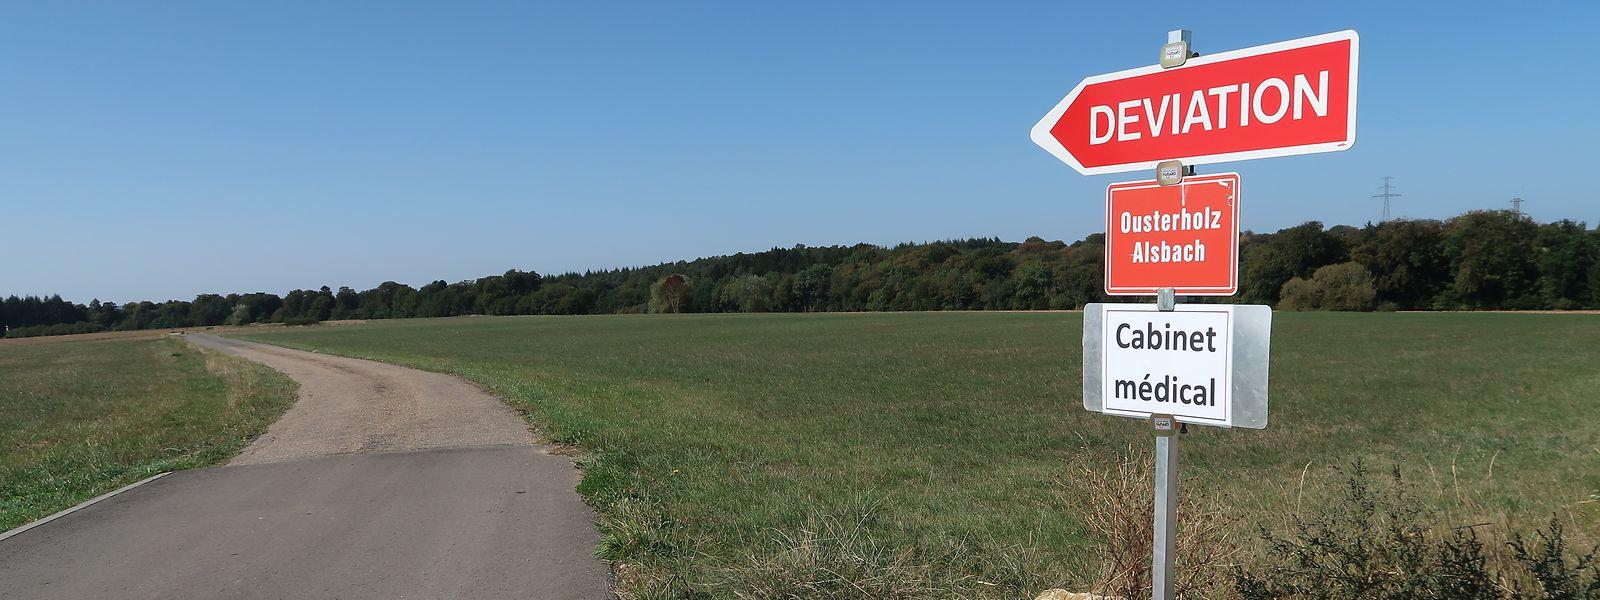 Die ausgeschilderte Umleitung führt fernab des Dorfes über einen schmalen, unbeleuchteten Weg. Theoretisch galt sie bis Anfang der Woche auch für Fußgänger.